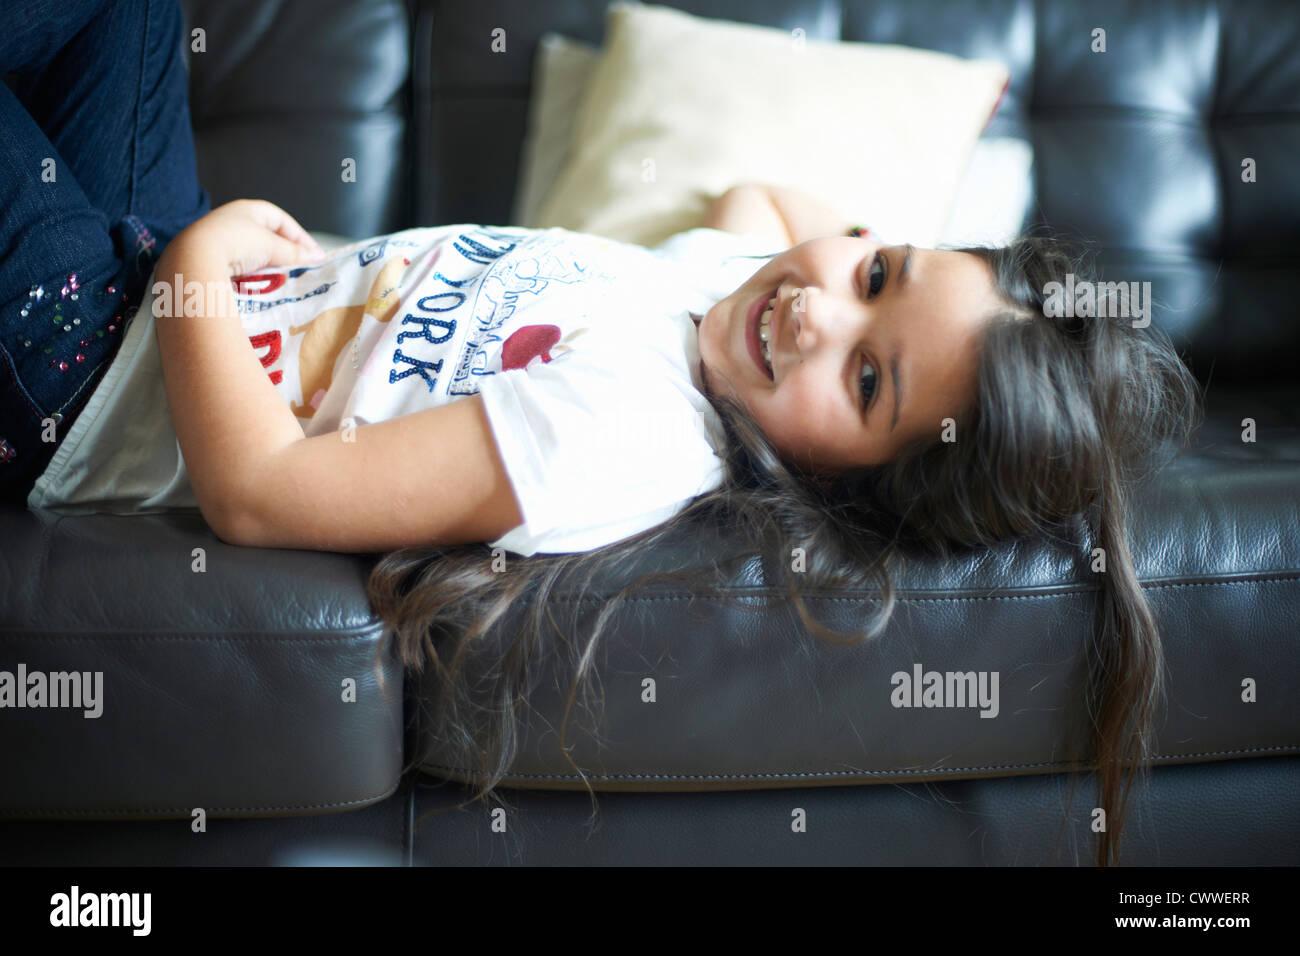 Sorridente ragazza rilassante sul divano Immagini Stock